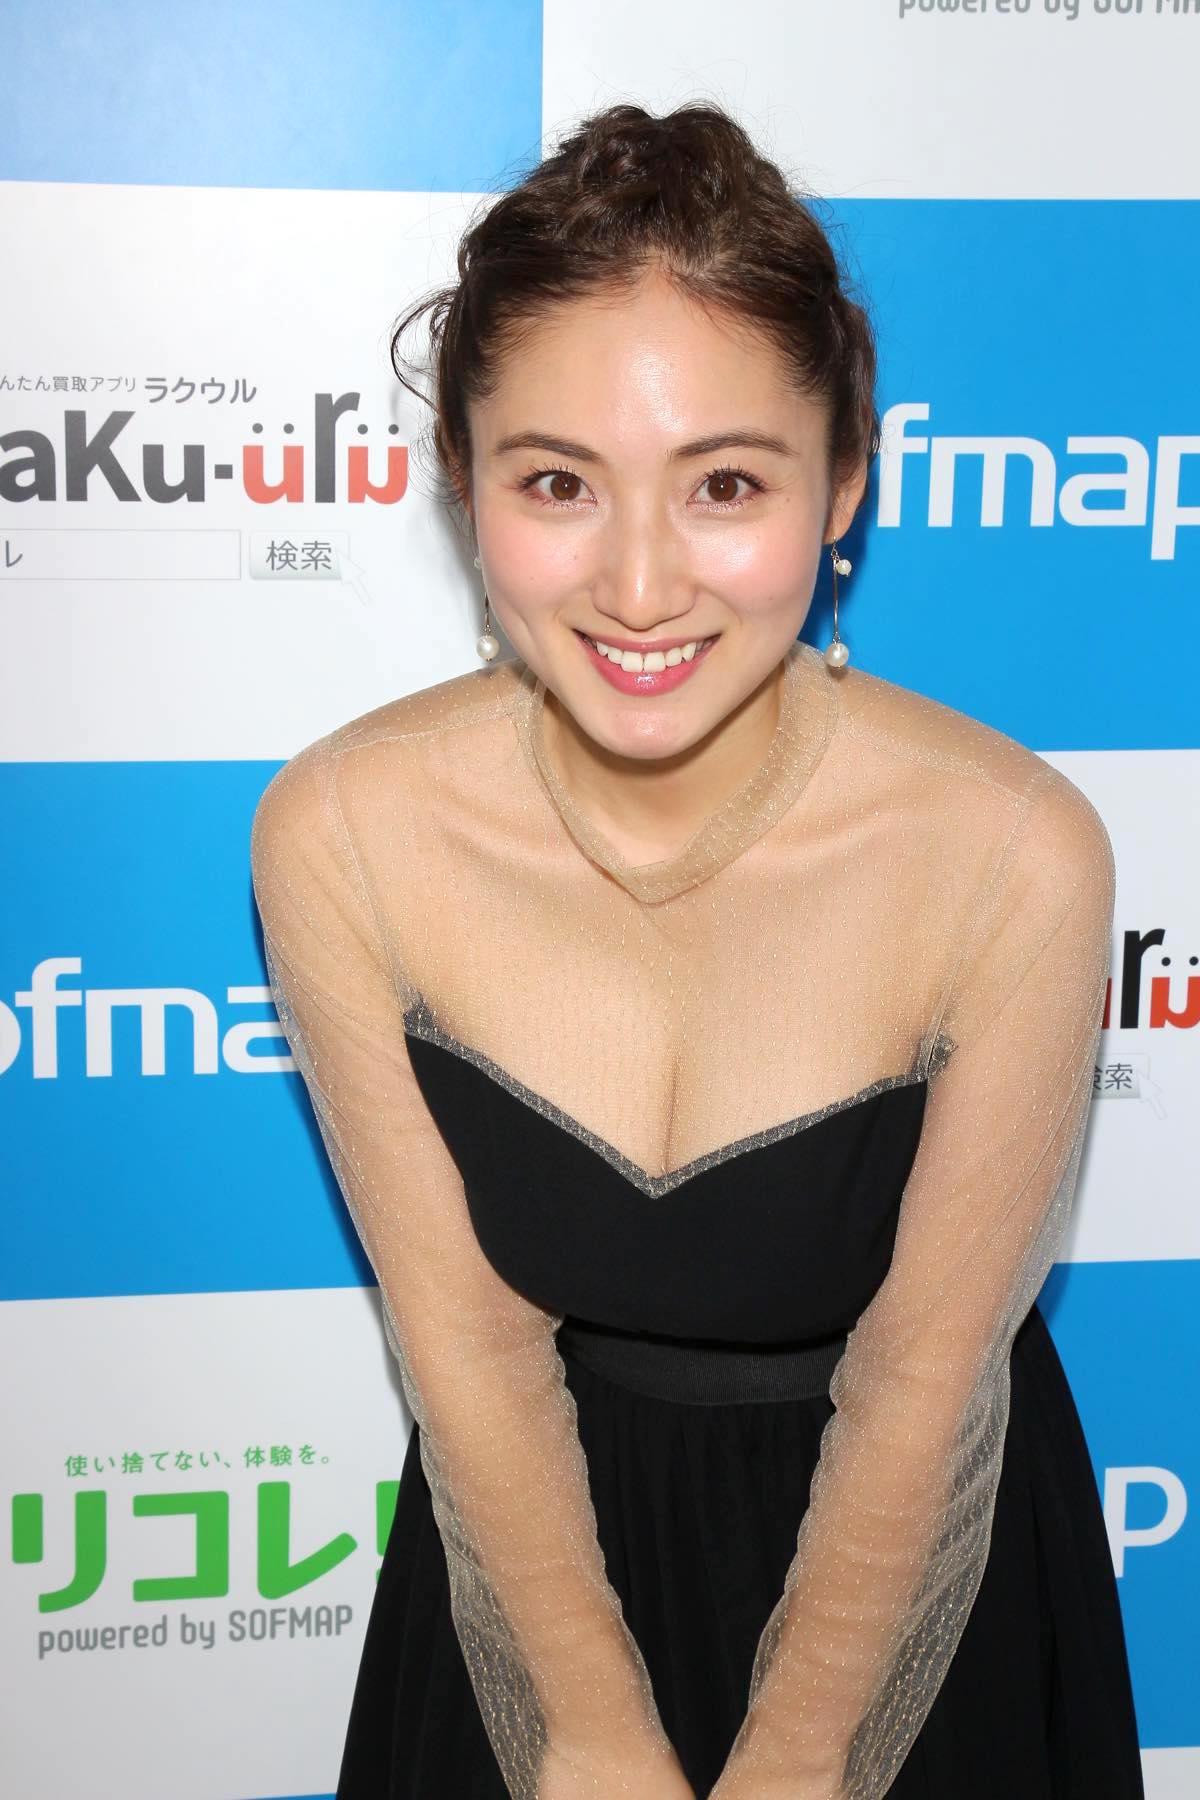 紗綾のグラビア水着ビキニ画像0023